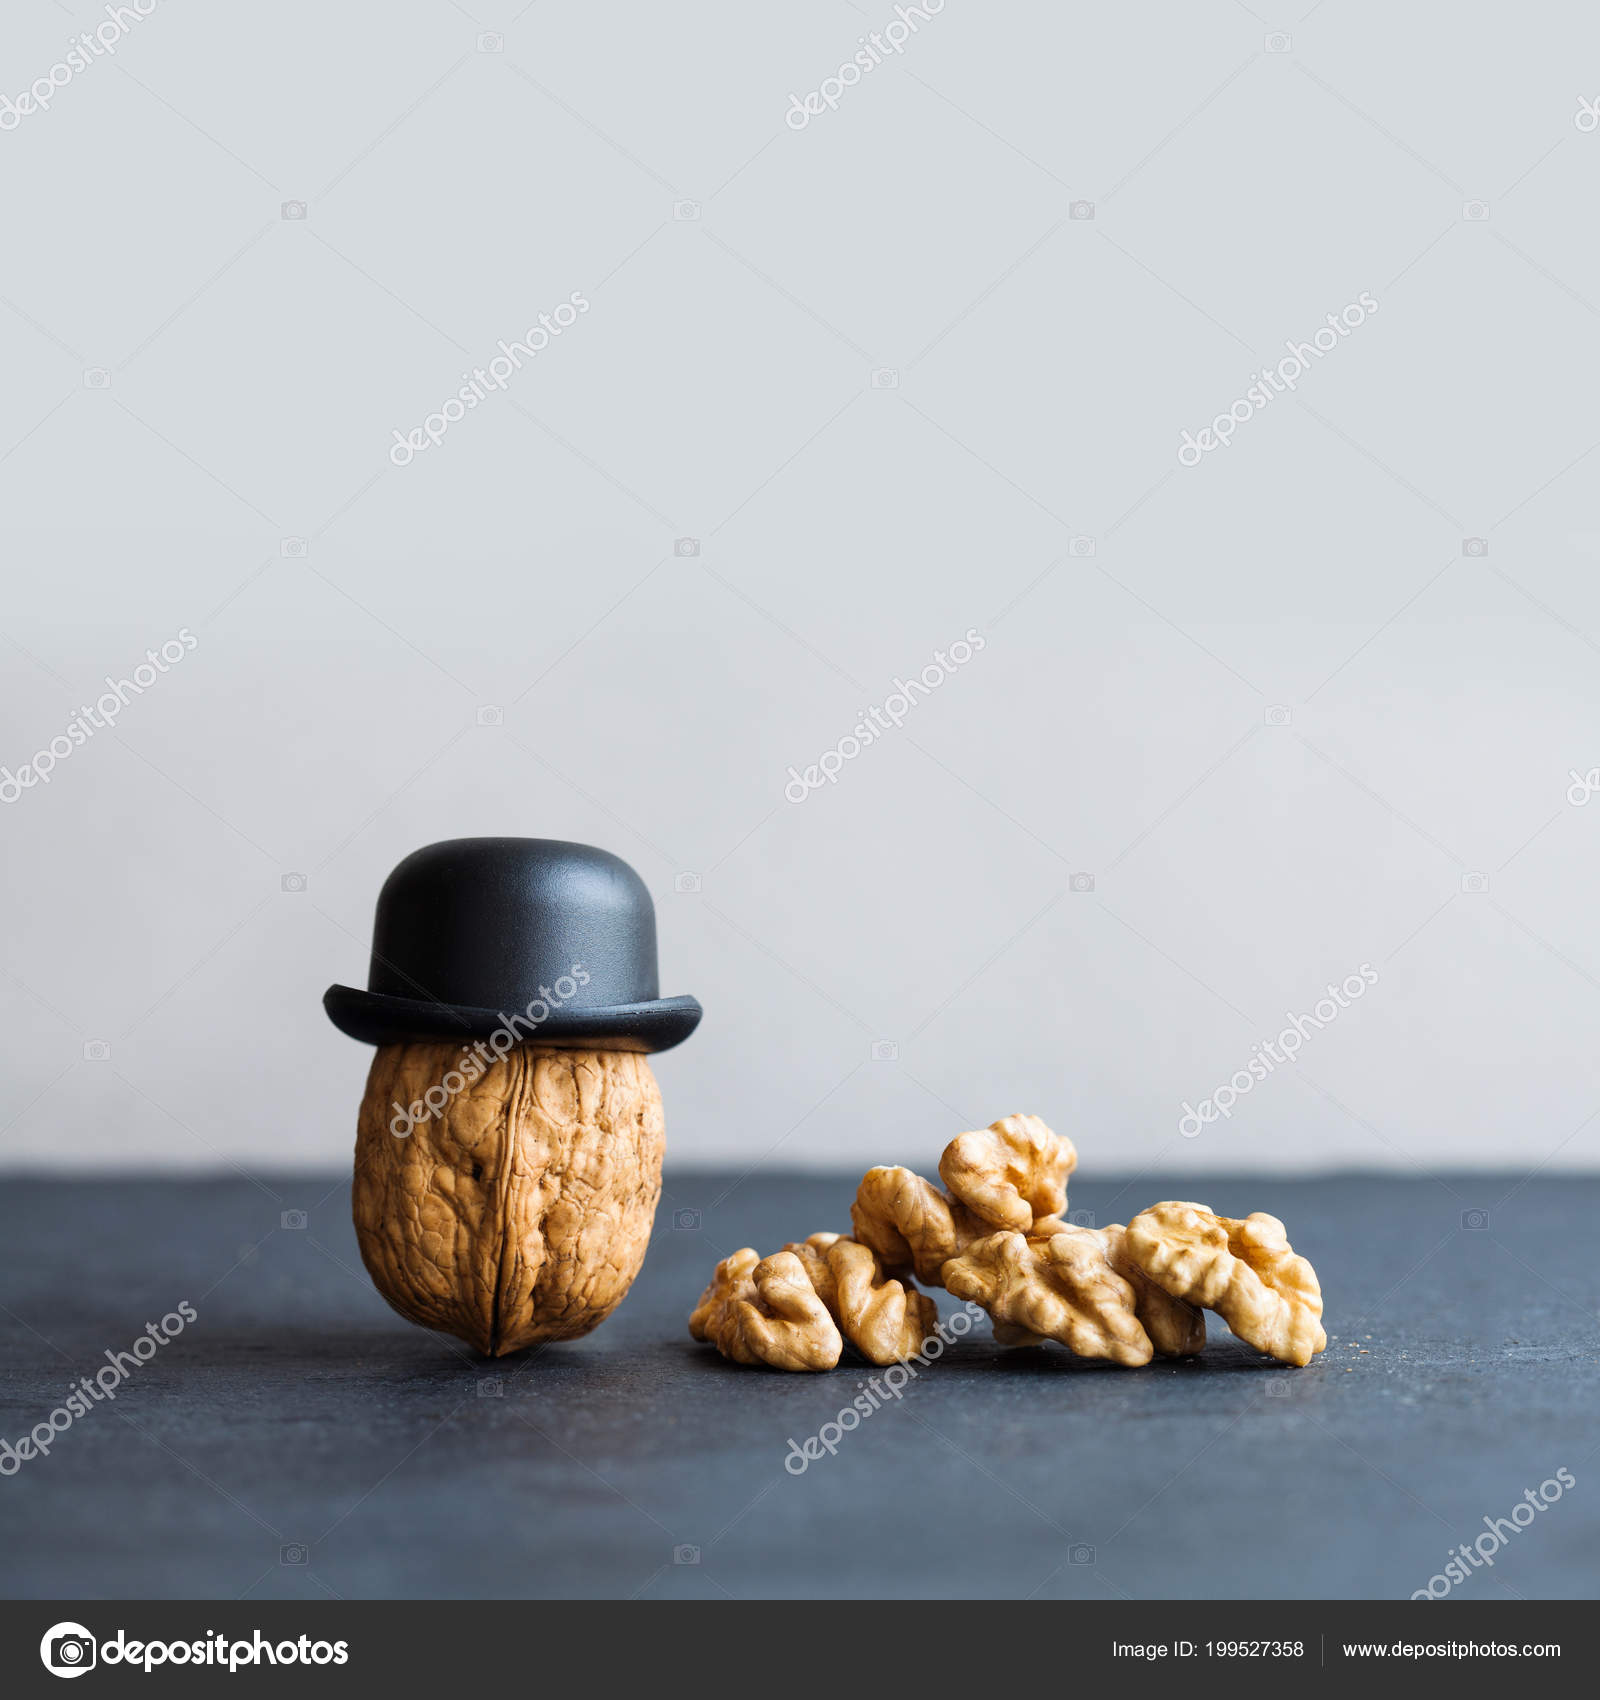 Nuss Gentleman Nussbaum Schwarze Hüte Auf Stein Hintergrund. Kreative Küche  Design Plakat. Makro